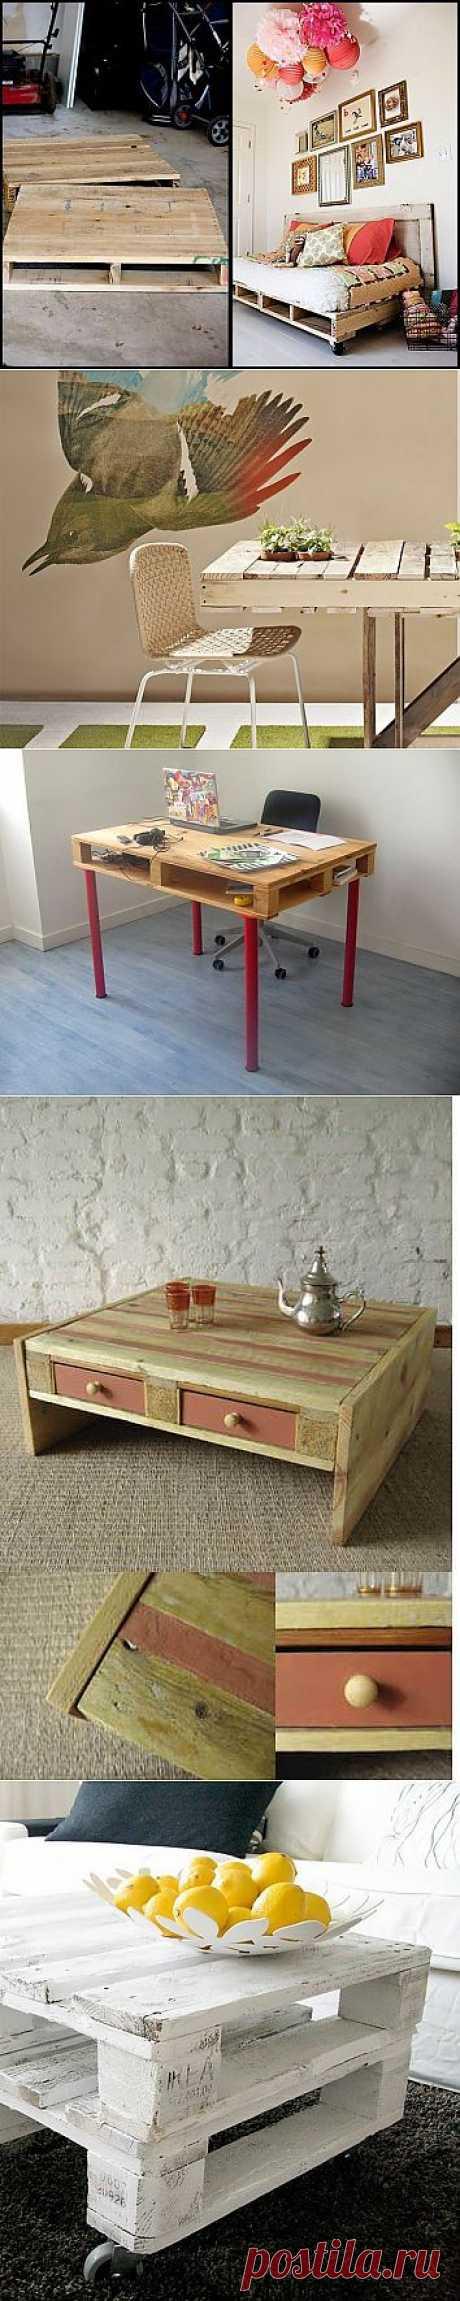 Salvaged wood : мебель из поддонов / Мебель / Модный сайт о стильной переделке одежды и интерьера